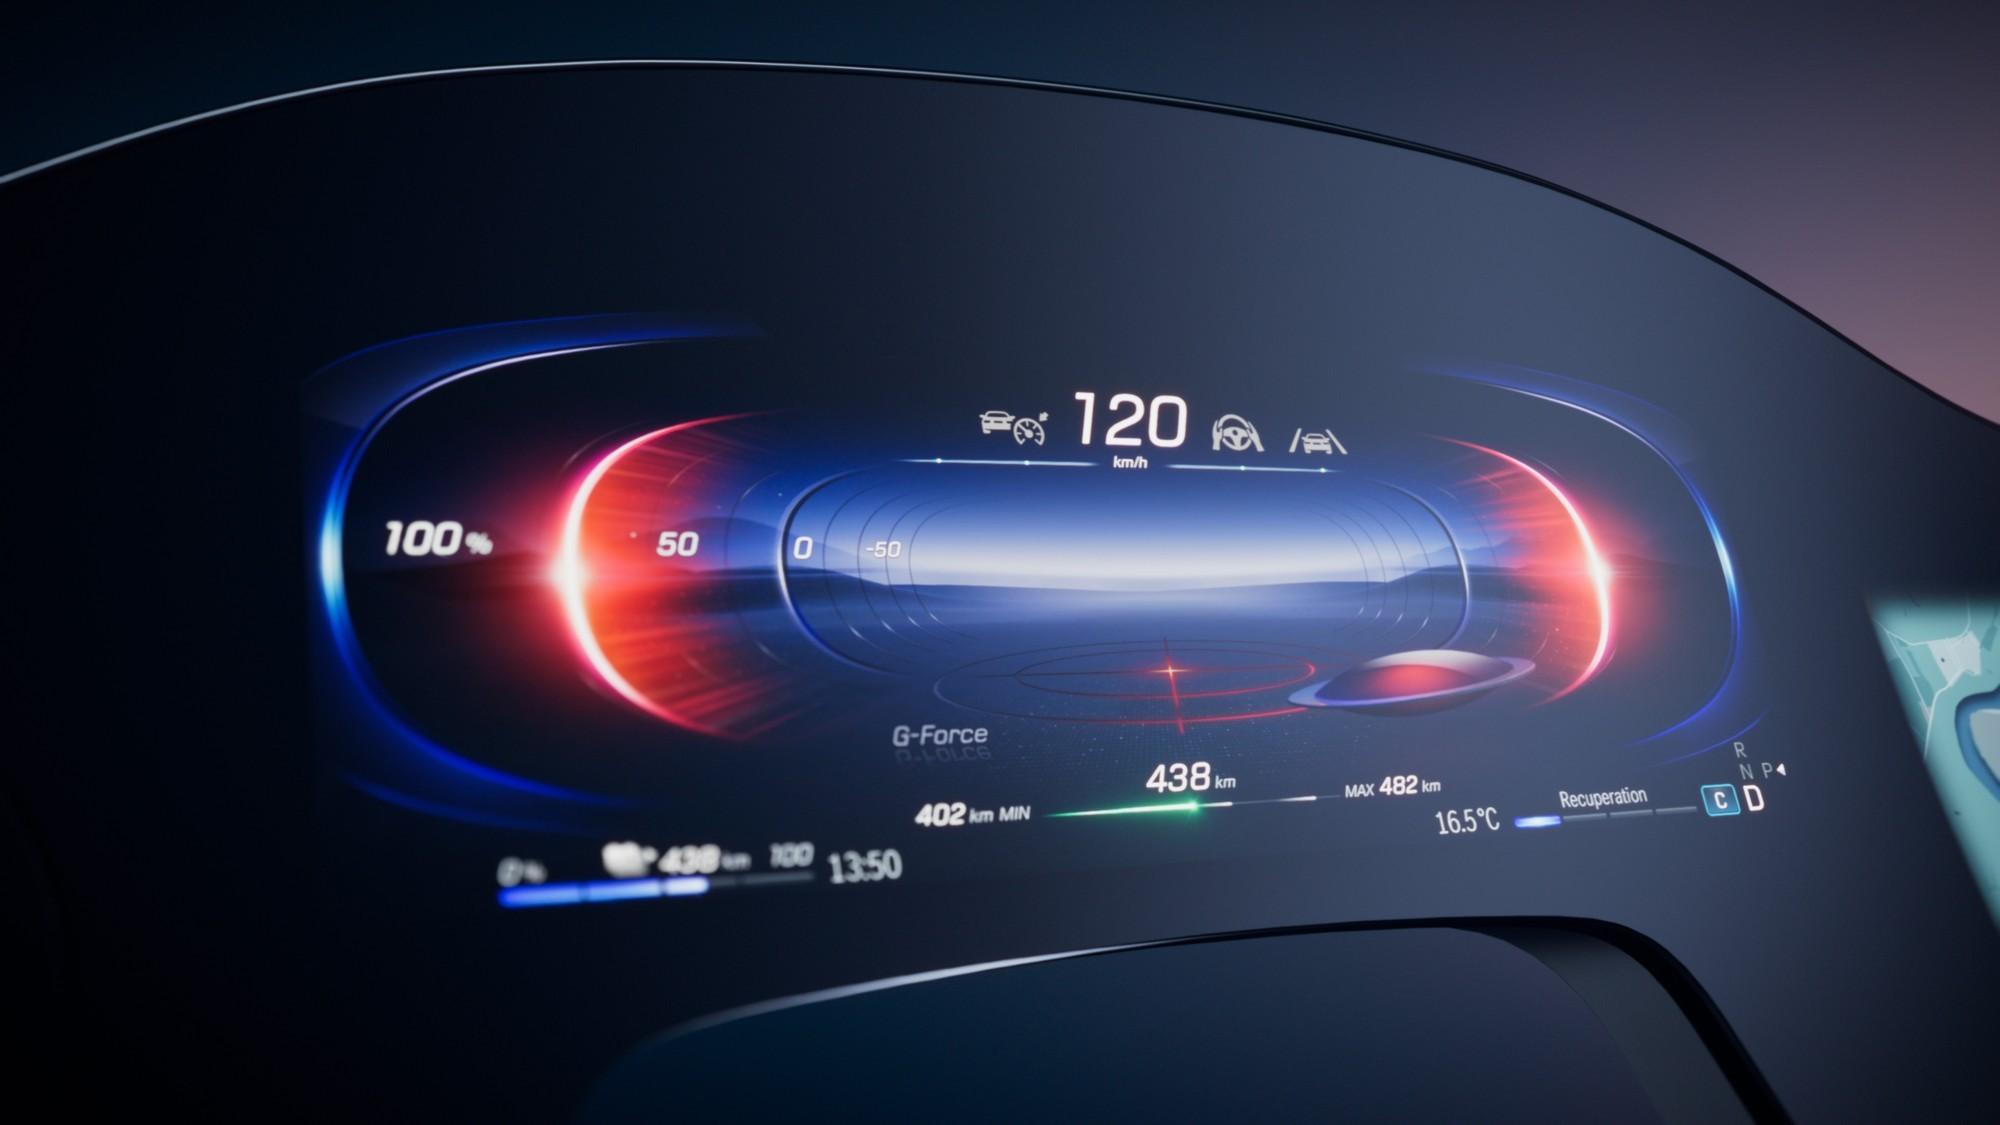 «Приборка» электрического флагмана Mercedes-Benz: 141 см в ширину и 12 вибраторов